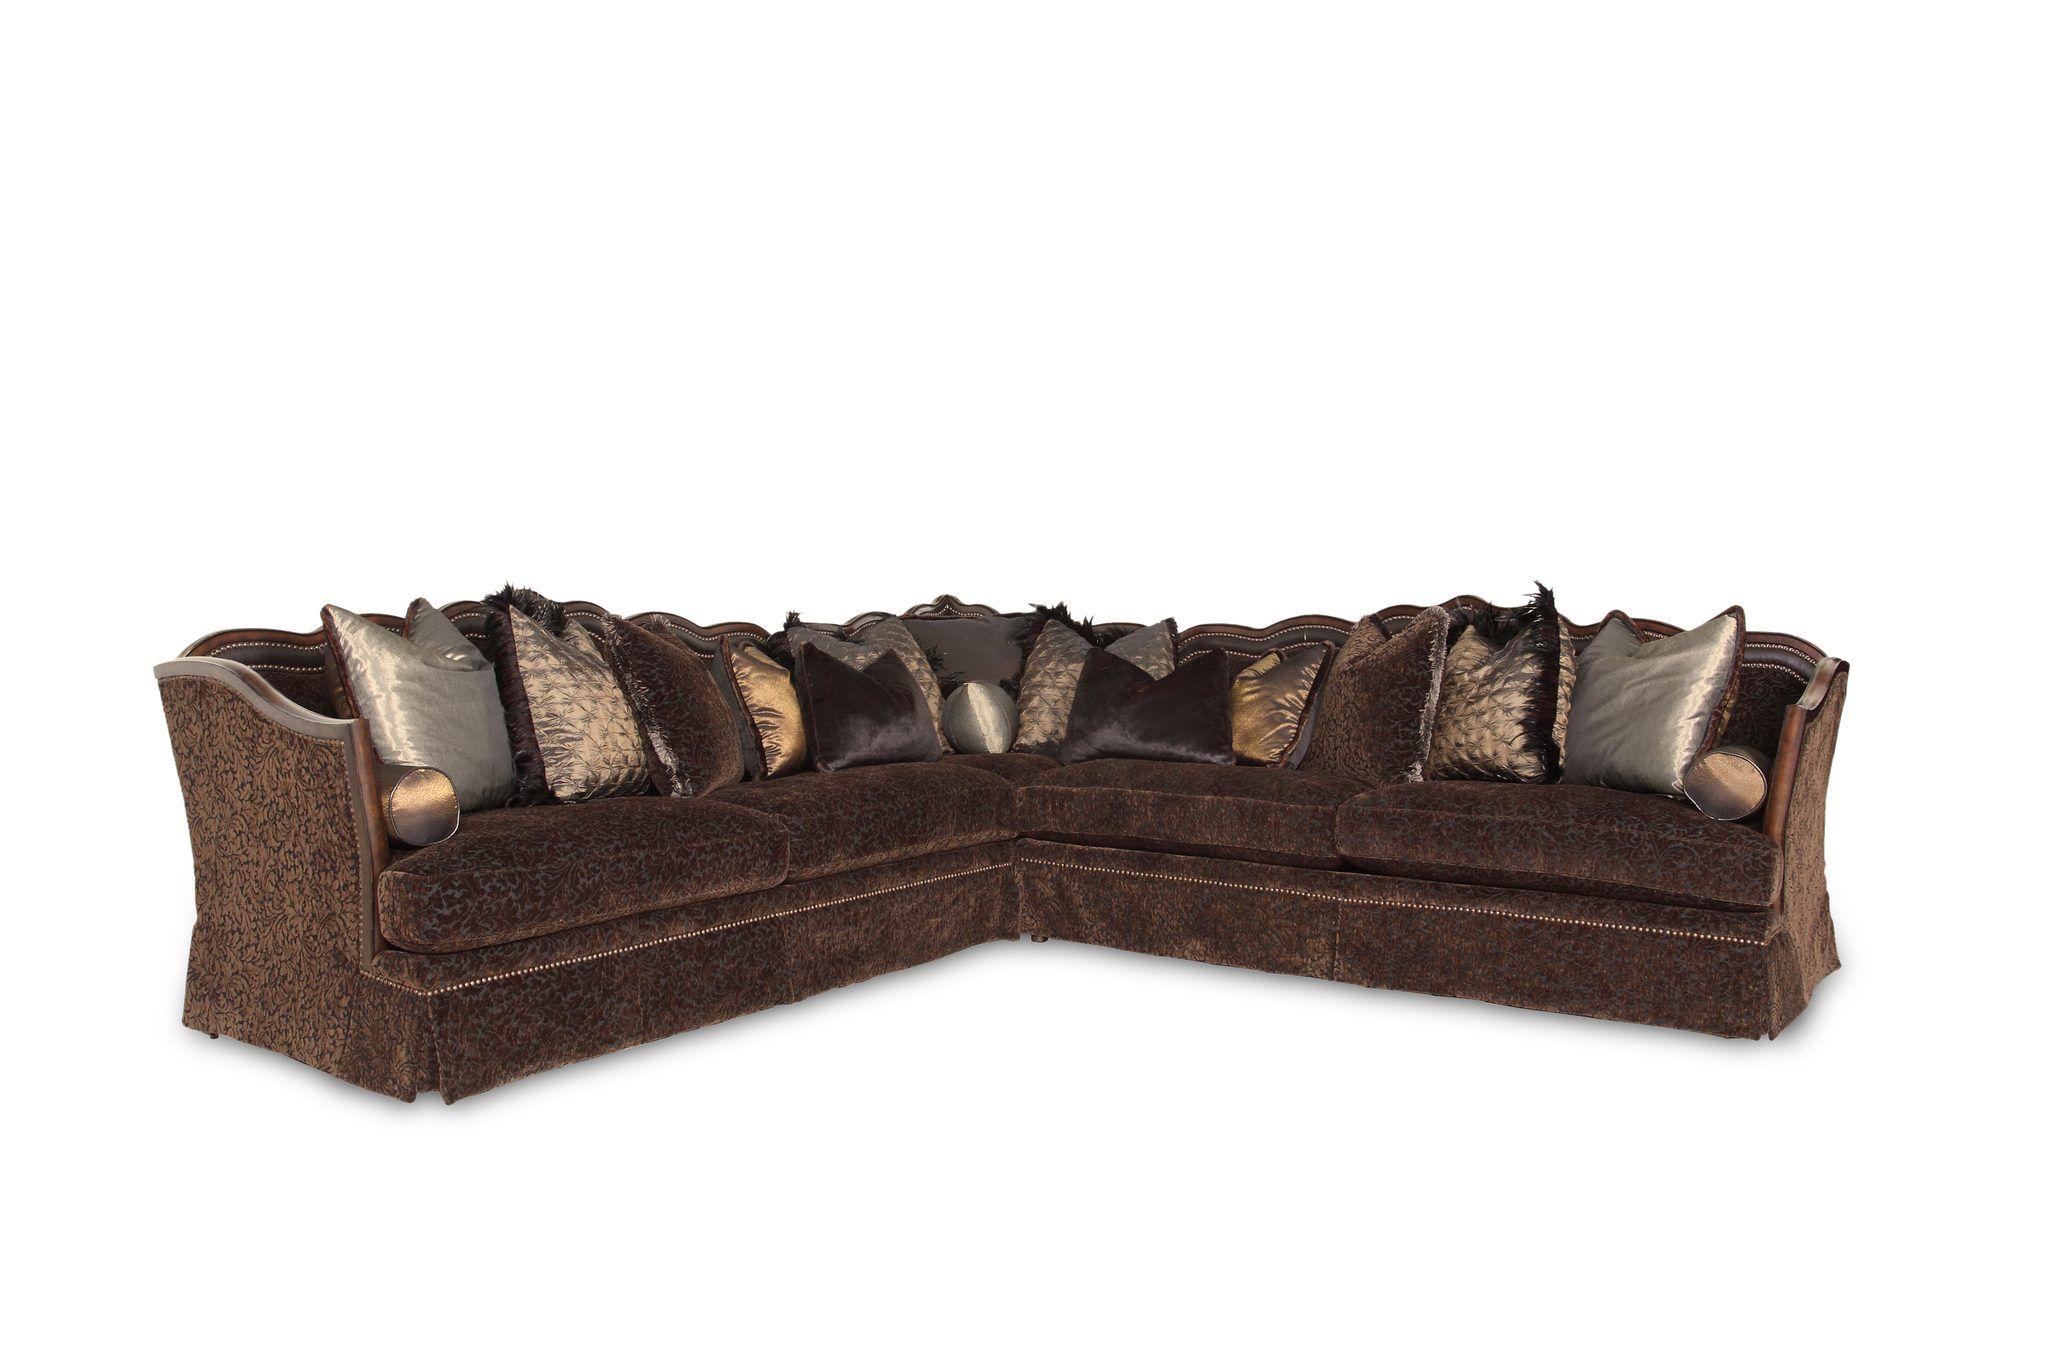 Quelle Sofa design quelle möbel loungemöbel loungemöbel haus